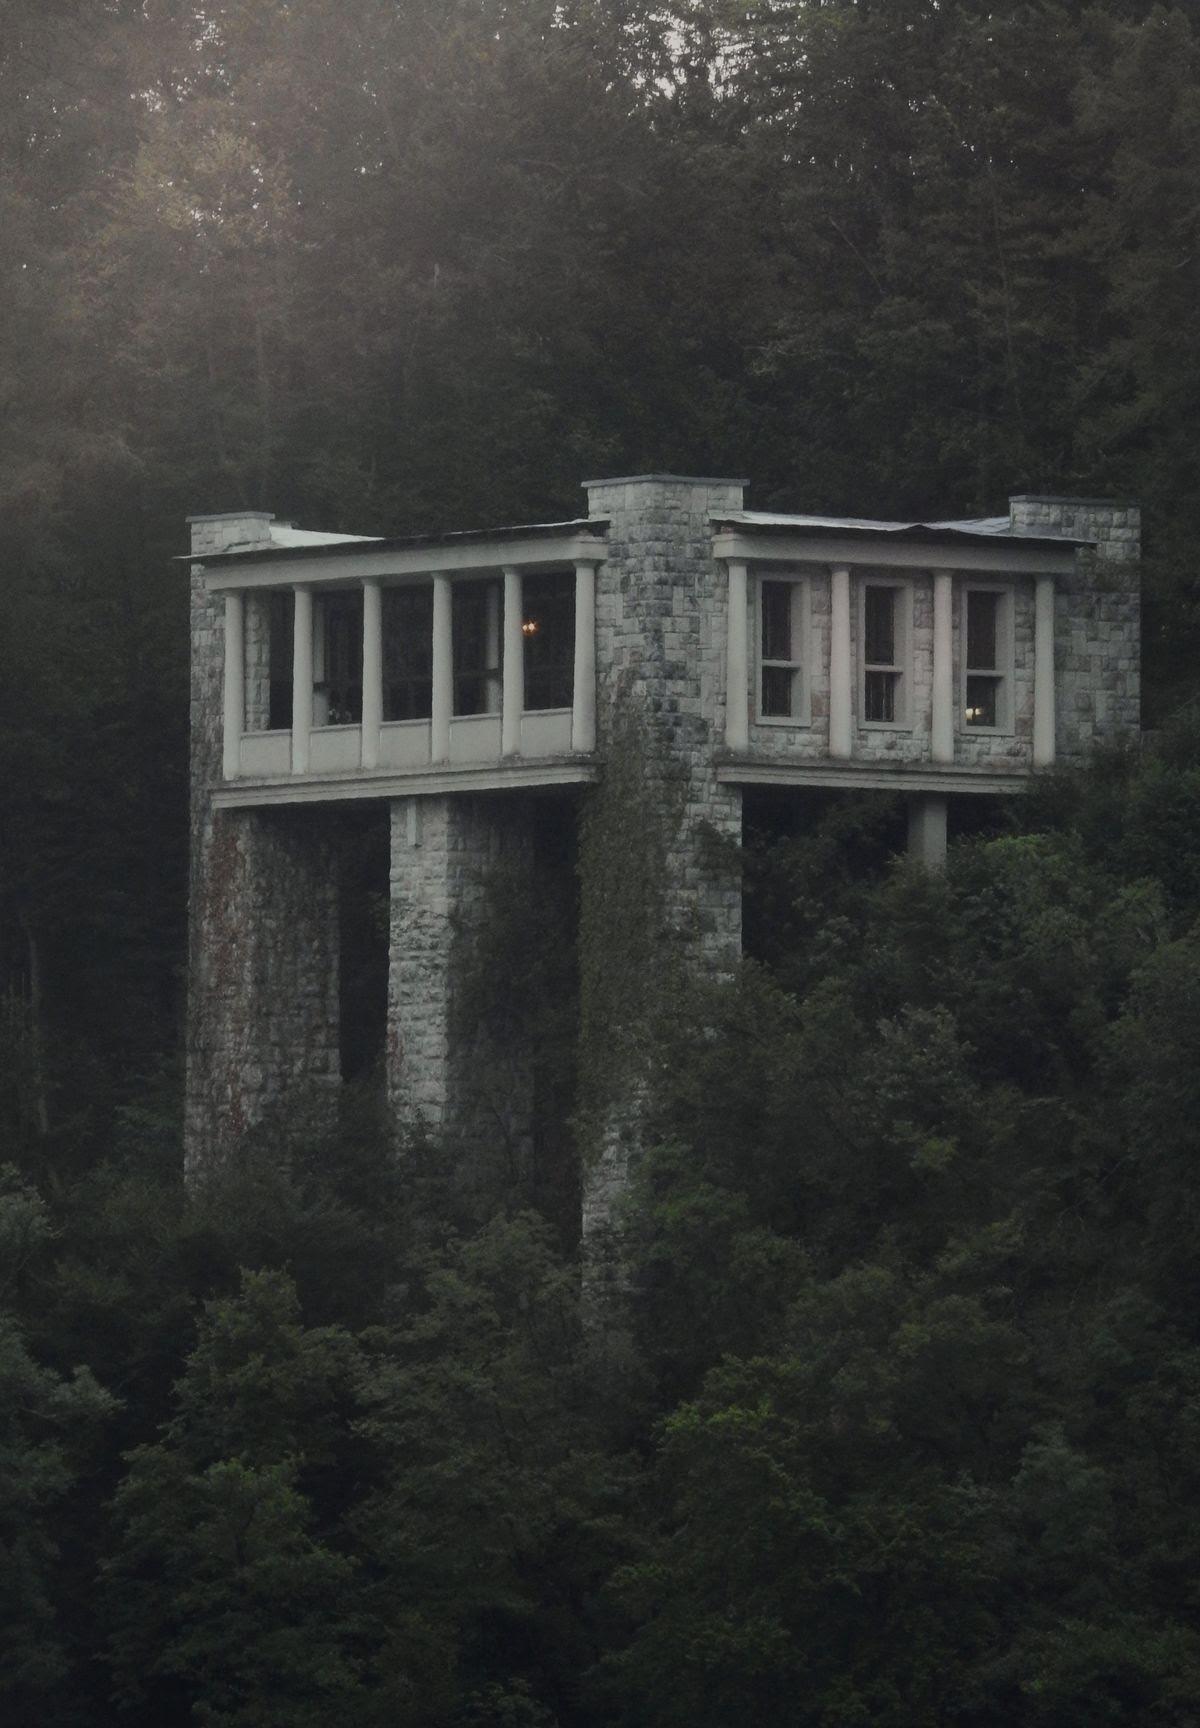 Jože Plečnik, Vinko Glanz - The Belvedere Pavilion